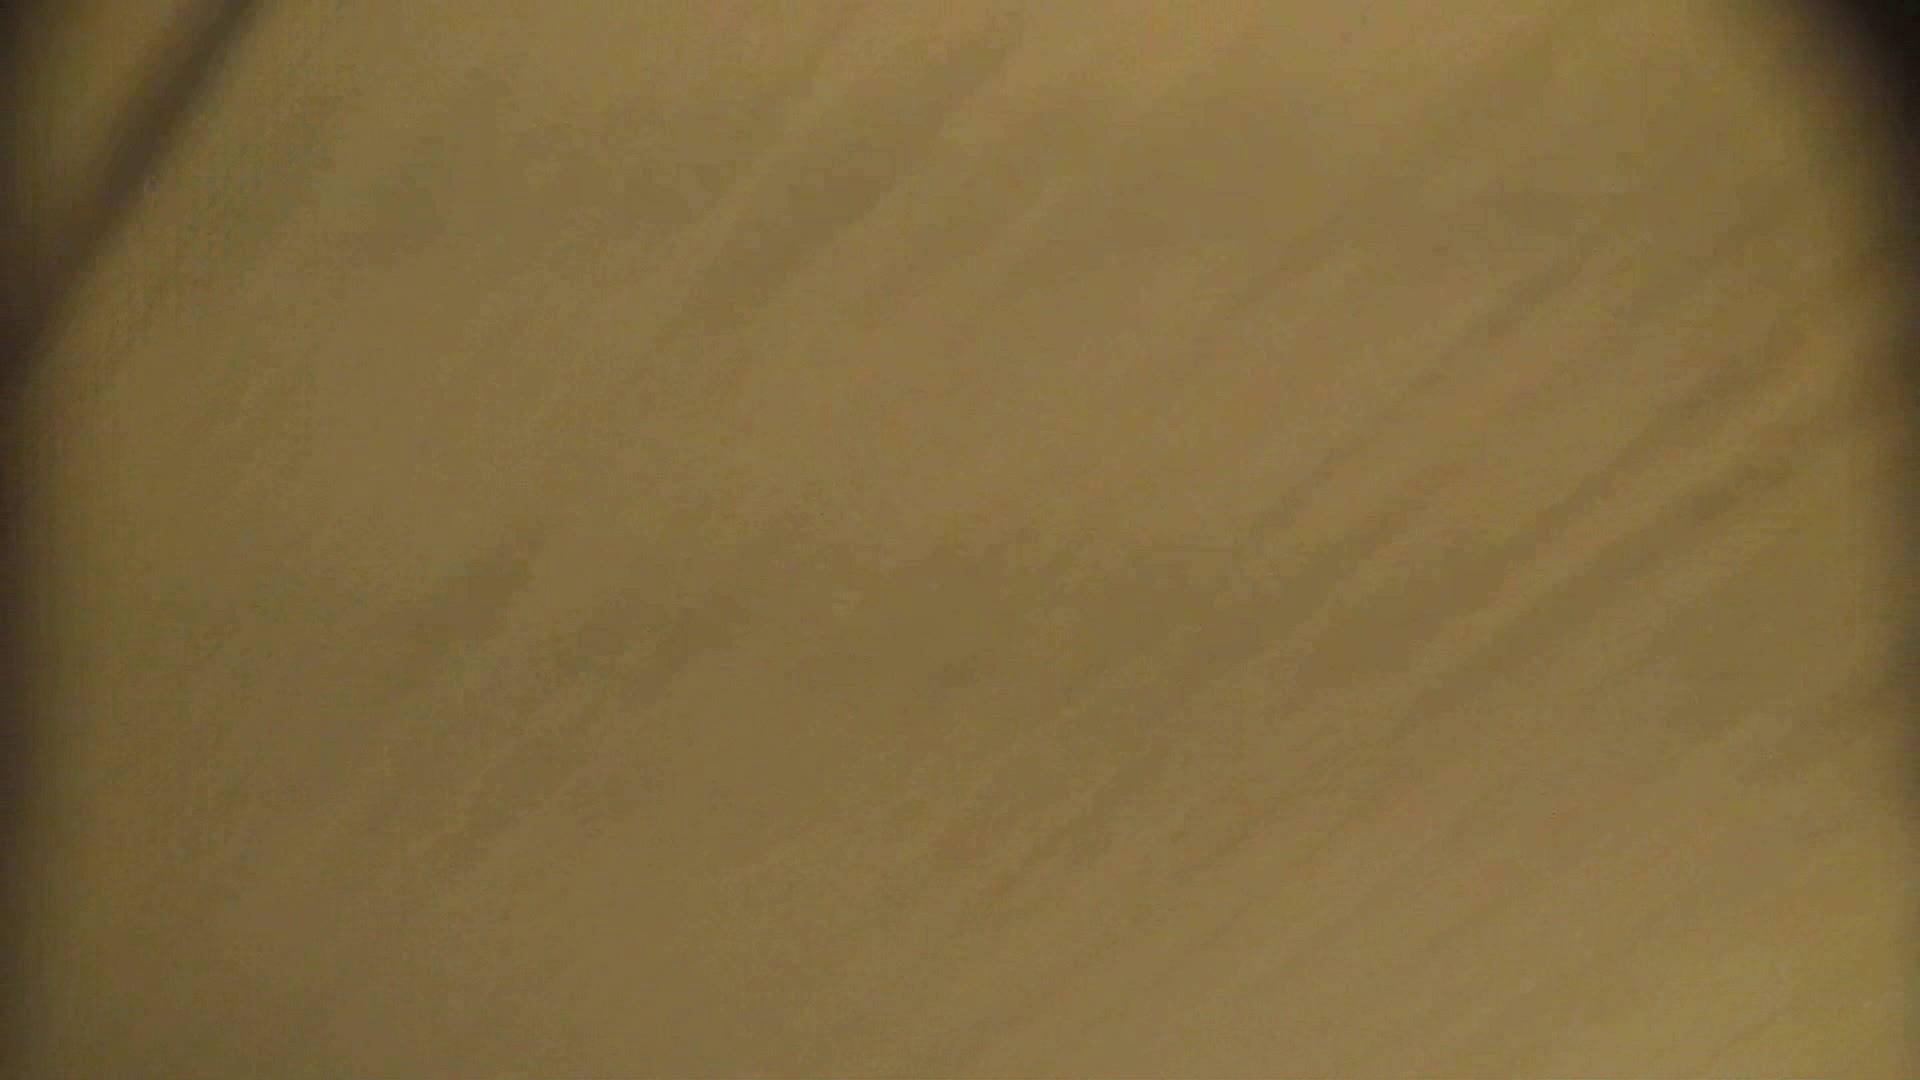 阿国ちゃんの「和式洋式七変化」No.6 洗面所 | 和式  81PIX 37